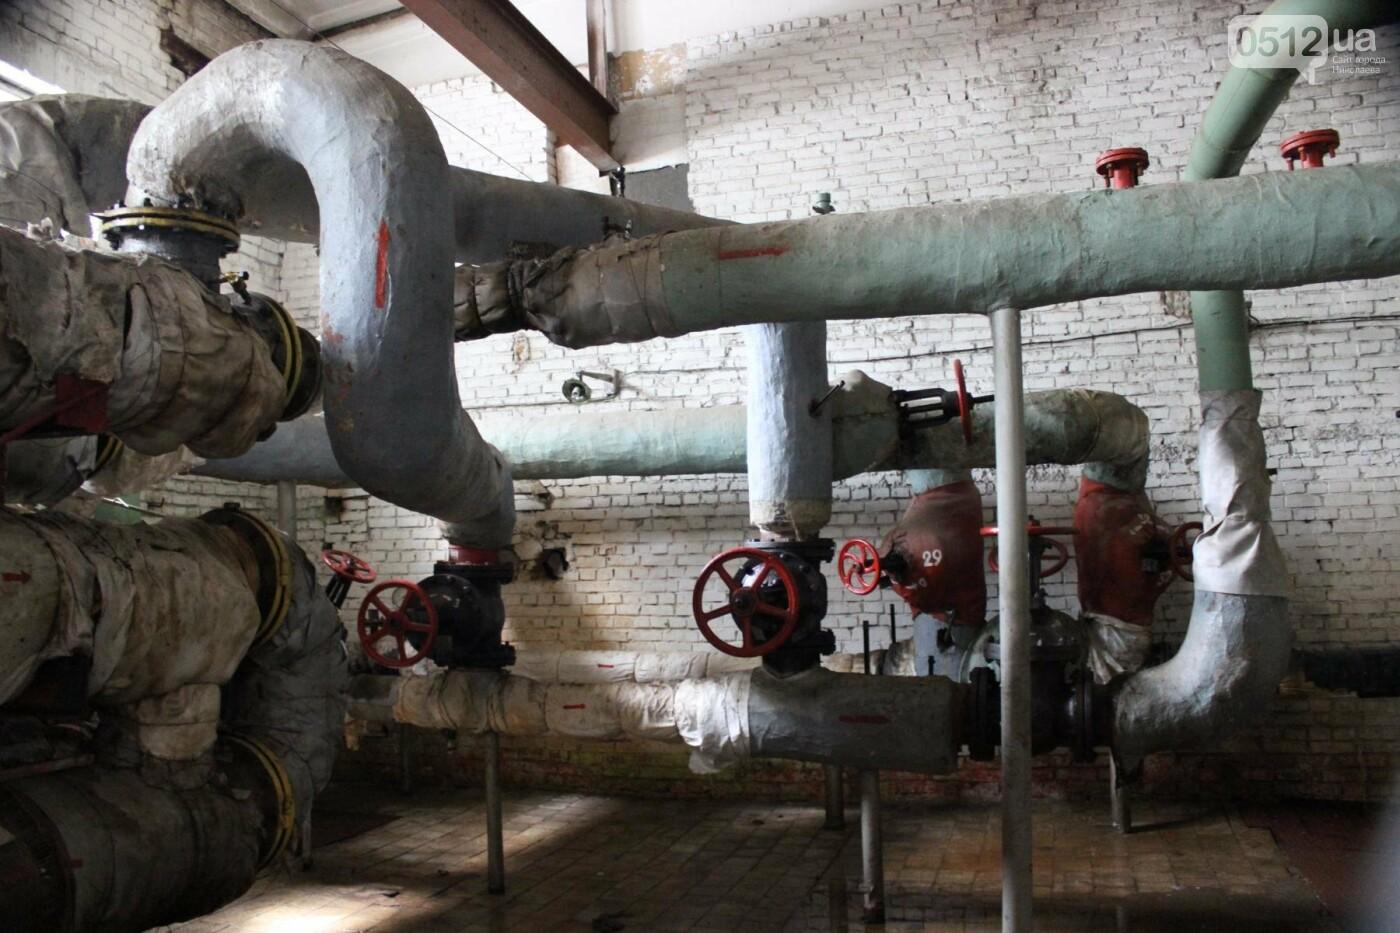 «Николаевоблтеплоэнерго» показало имущество предприятия, которое планирует списать, - ФОТО, фото-5